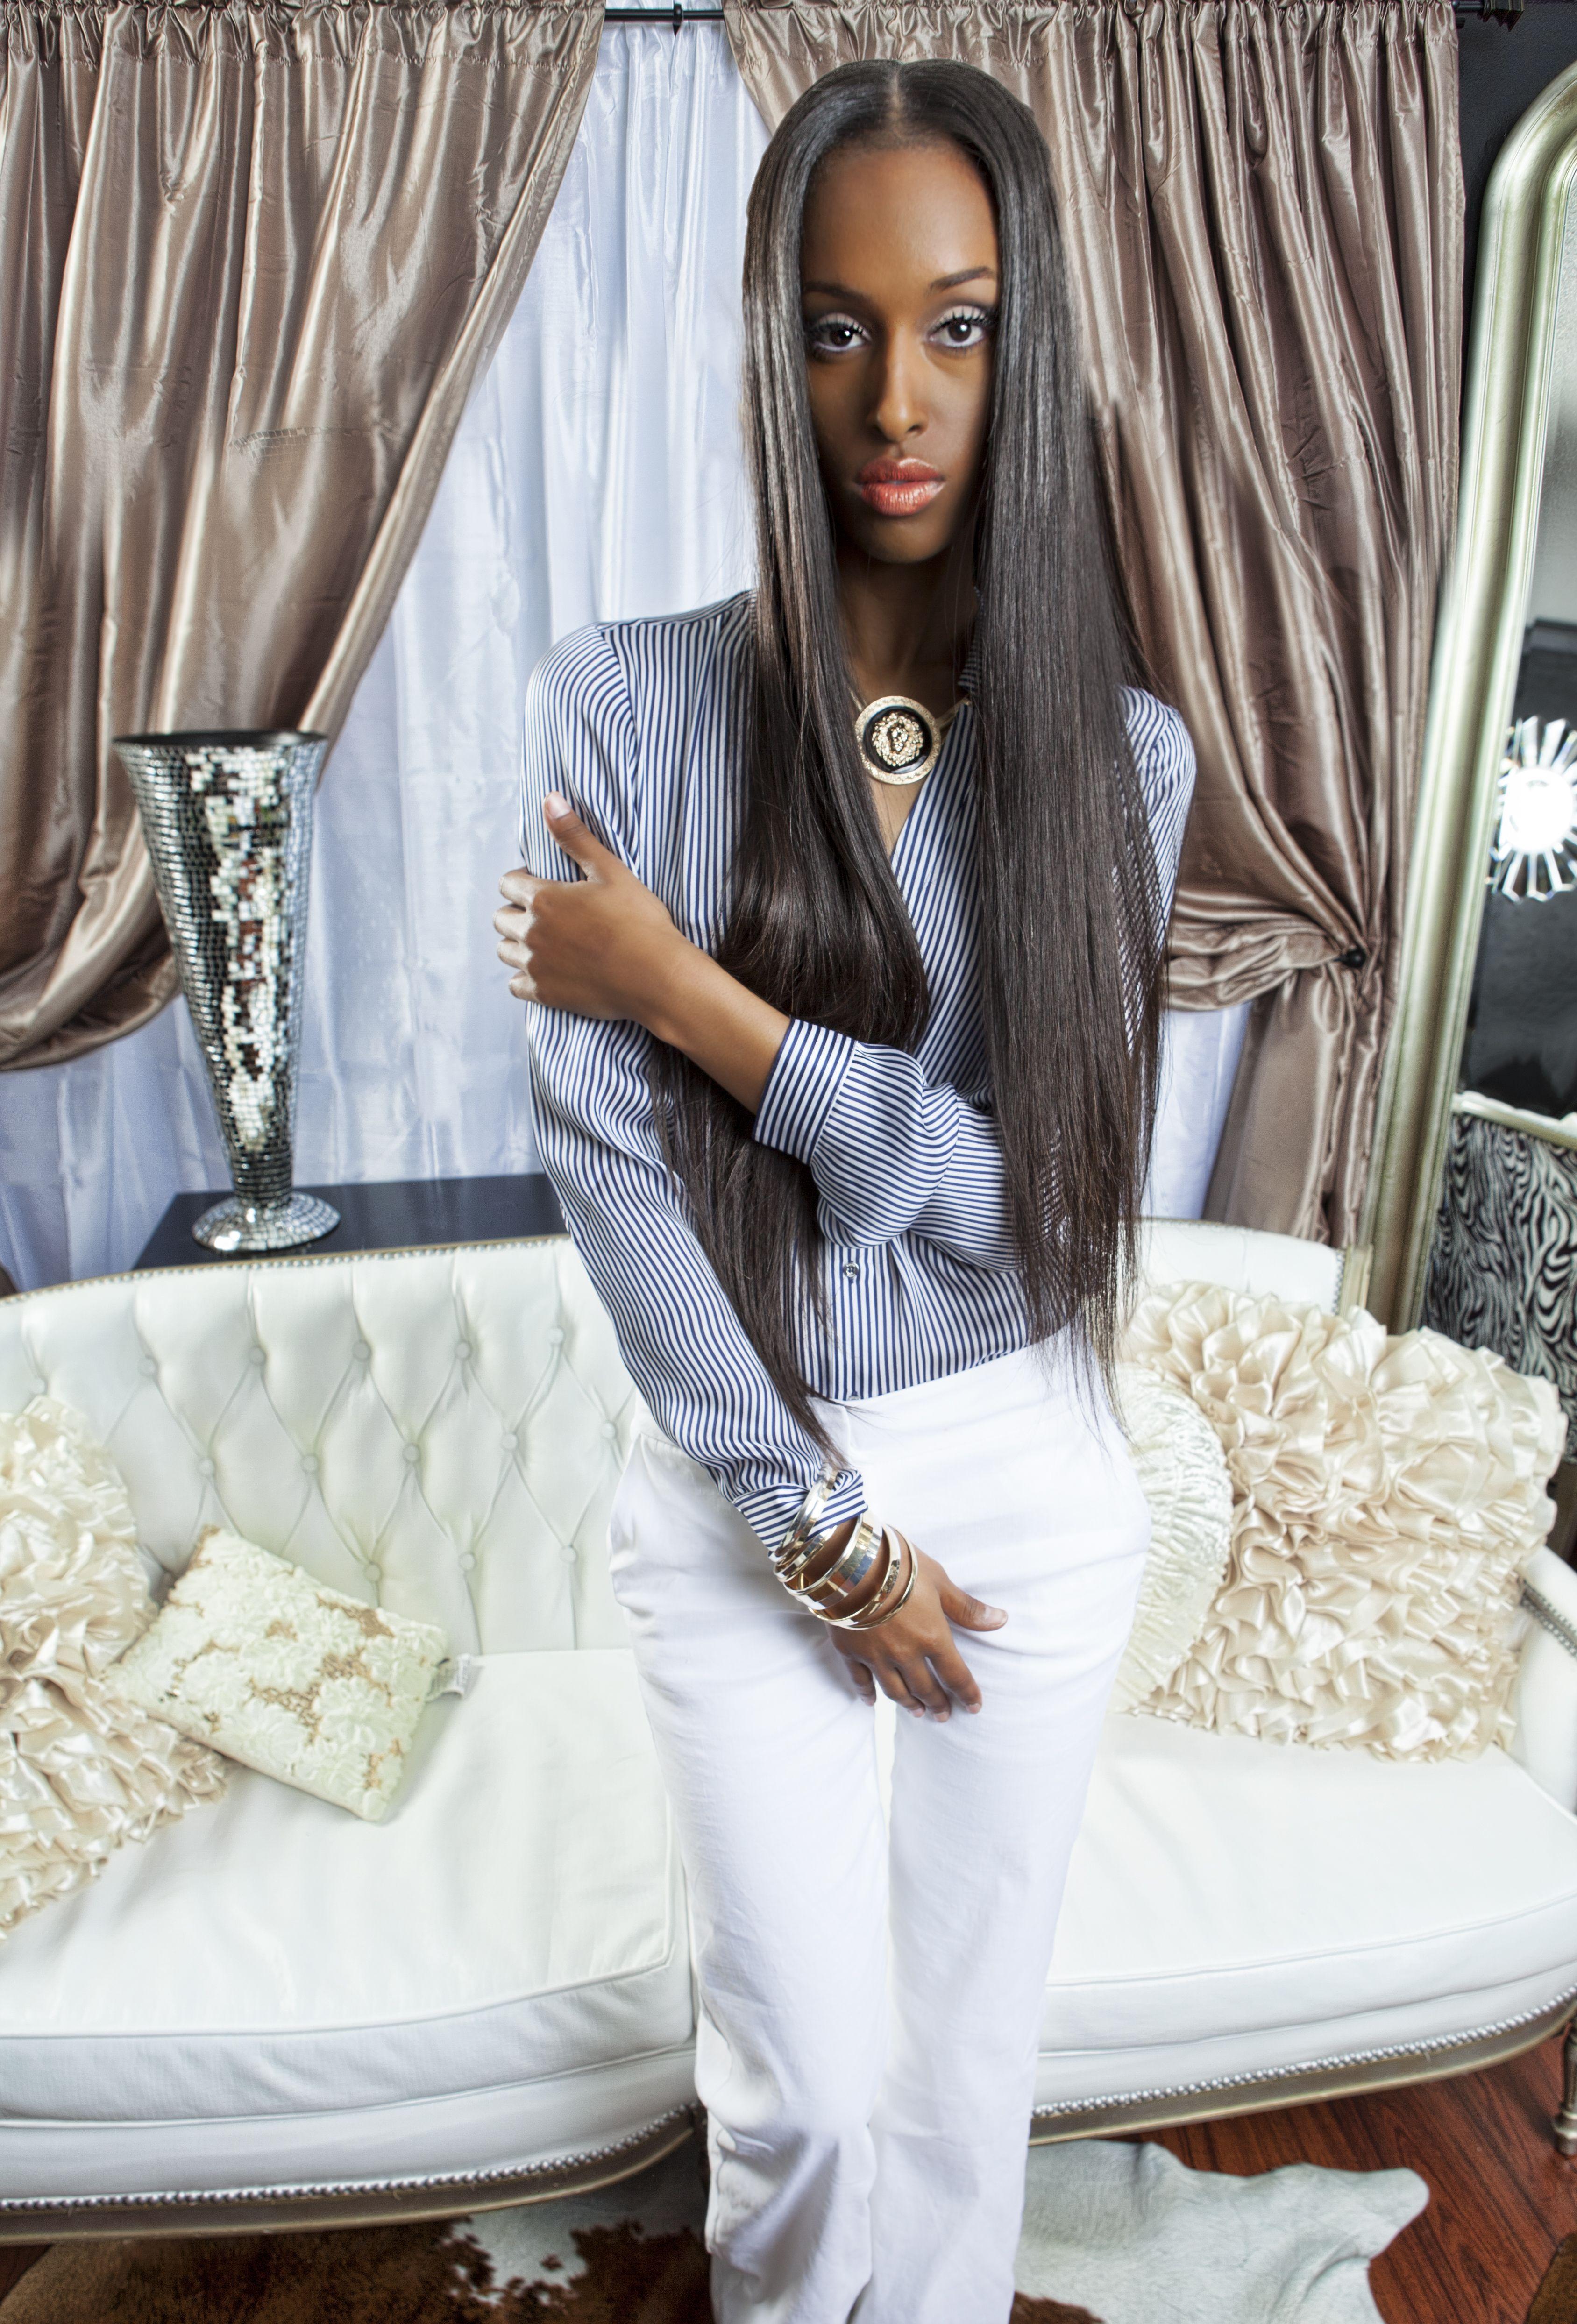 Full Sew In Weave San Diego Virgin Hair Extensions Hairphenatiks